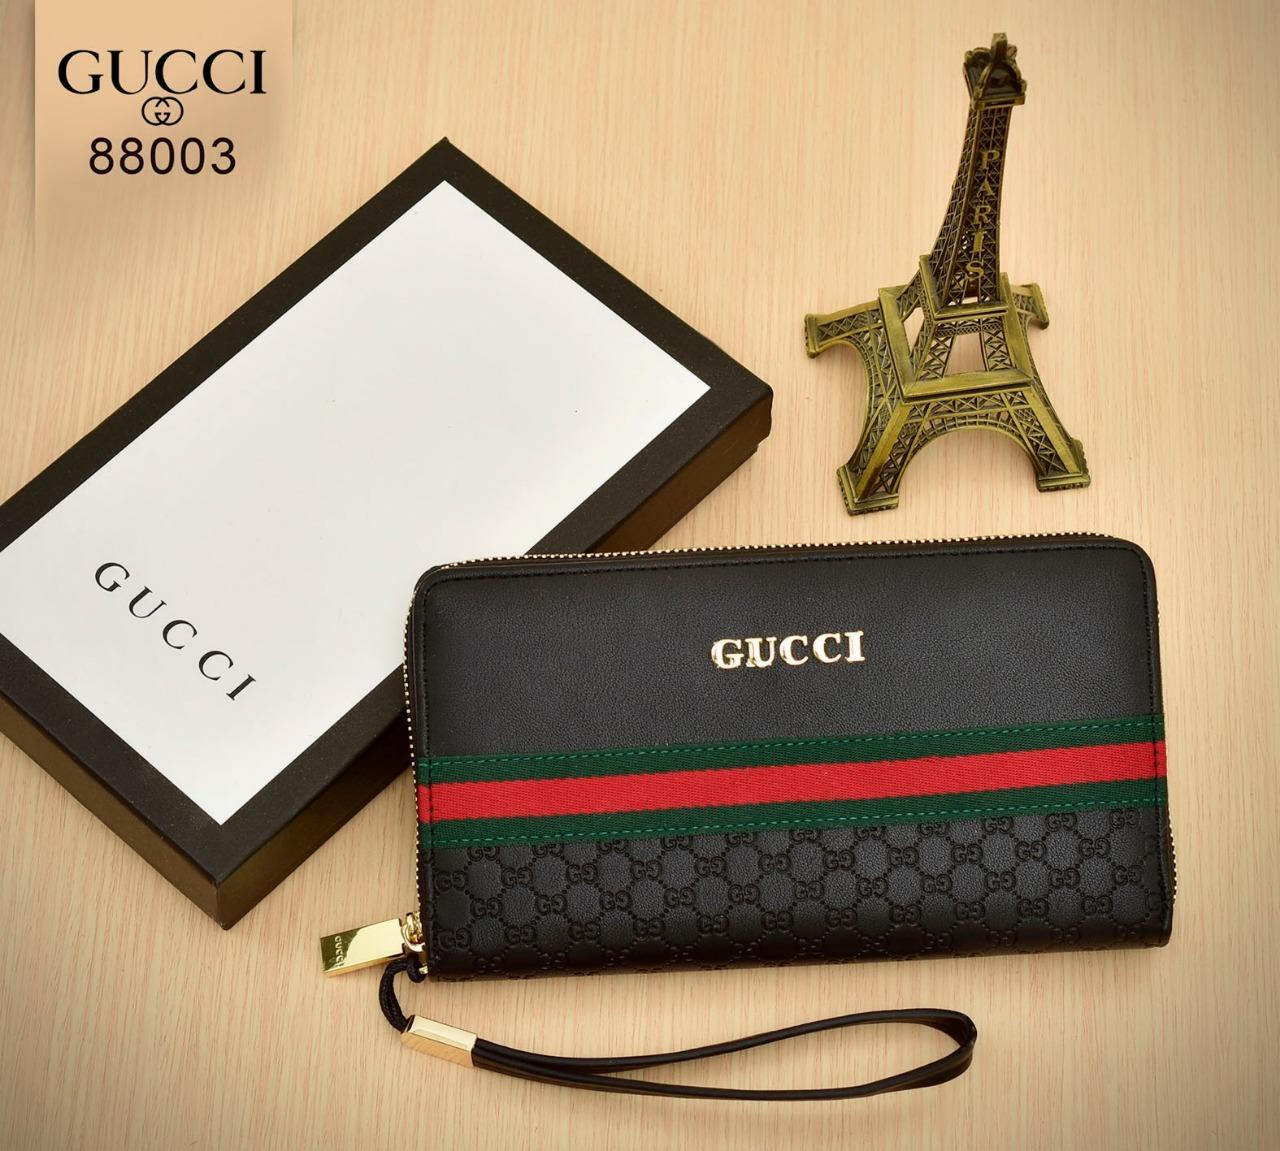 Dompet Gucci  88003  88004  88008 fa2579cebc